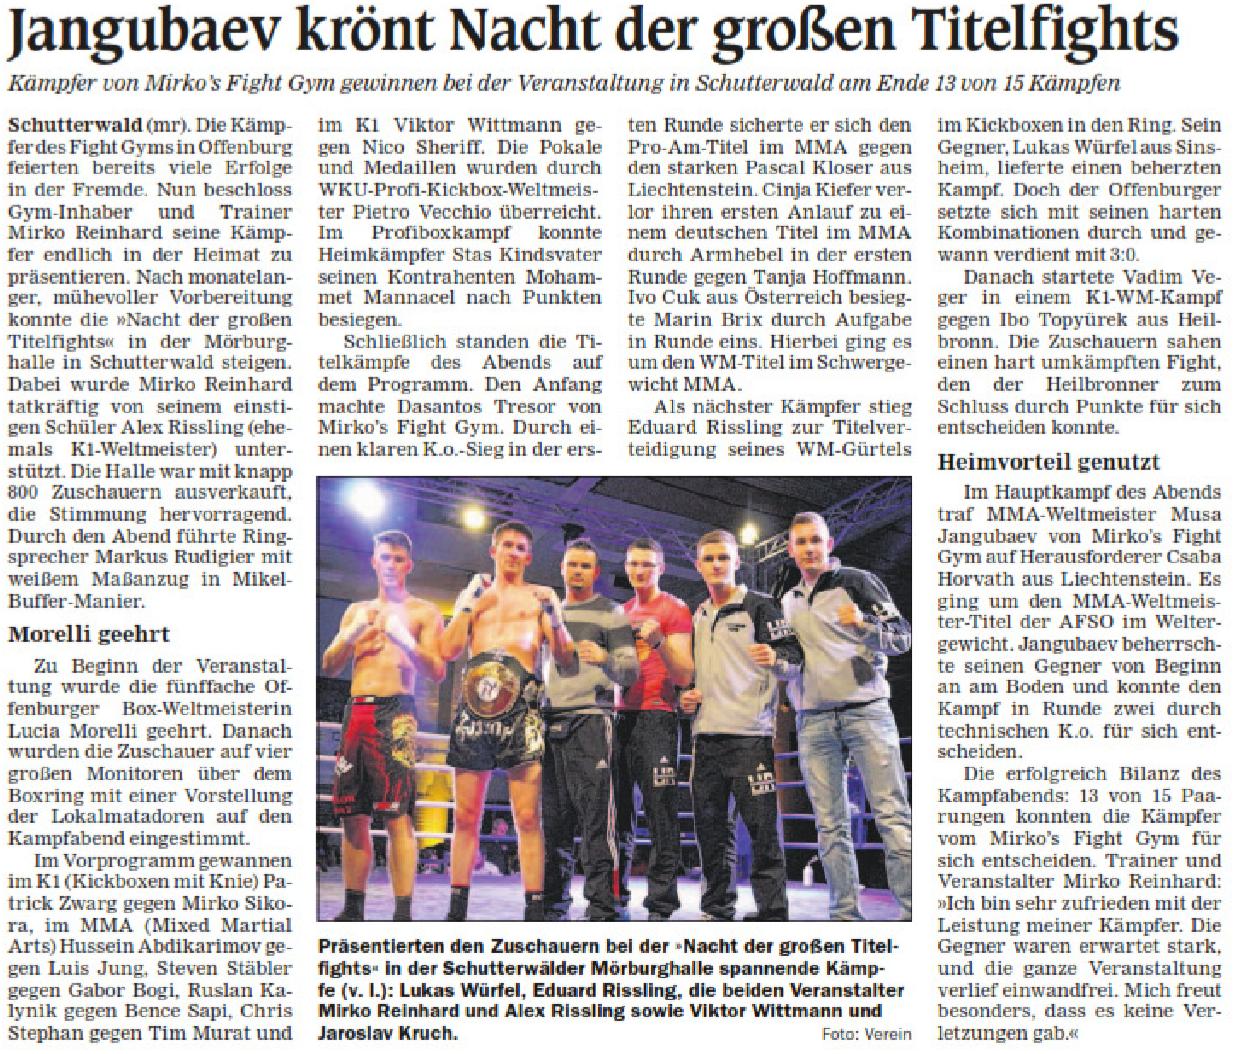 Mirkos Fight Night, Schutterwald, Mörburghale, 2015, K1 MMA Kickbocen, Titelfights